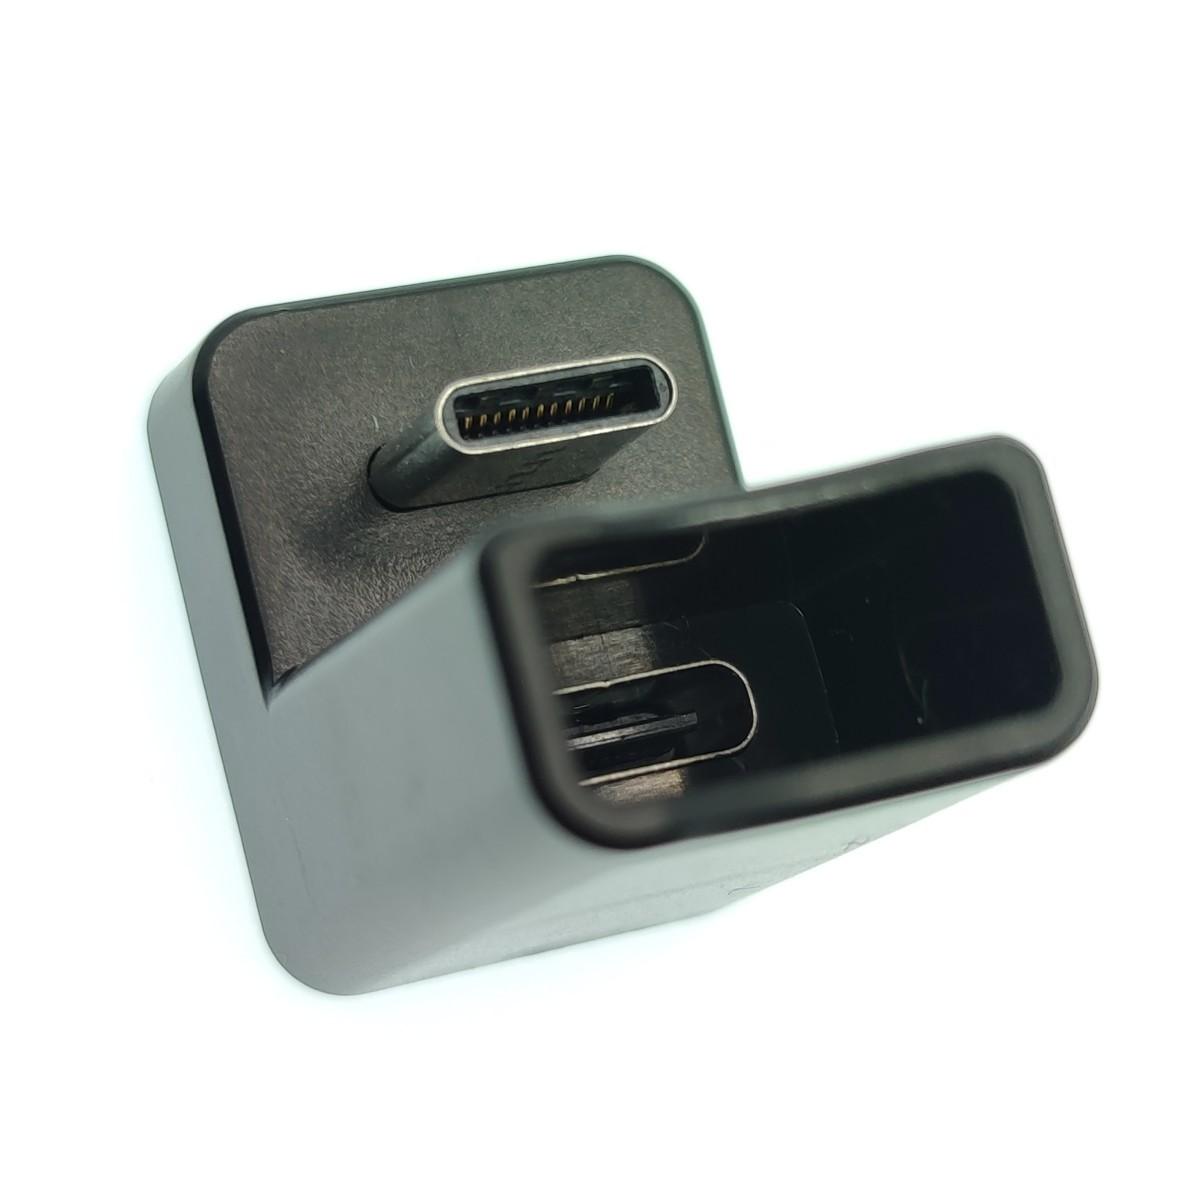 USB-C USB3.1 Gen2 コの字アダプタ